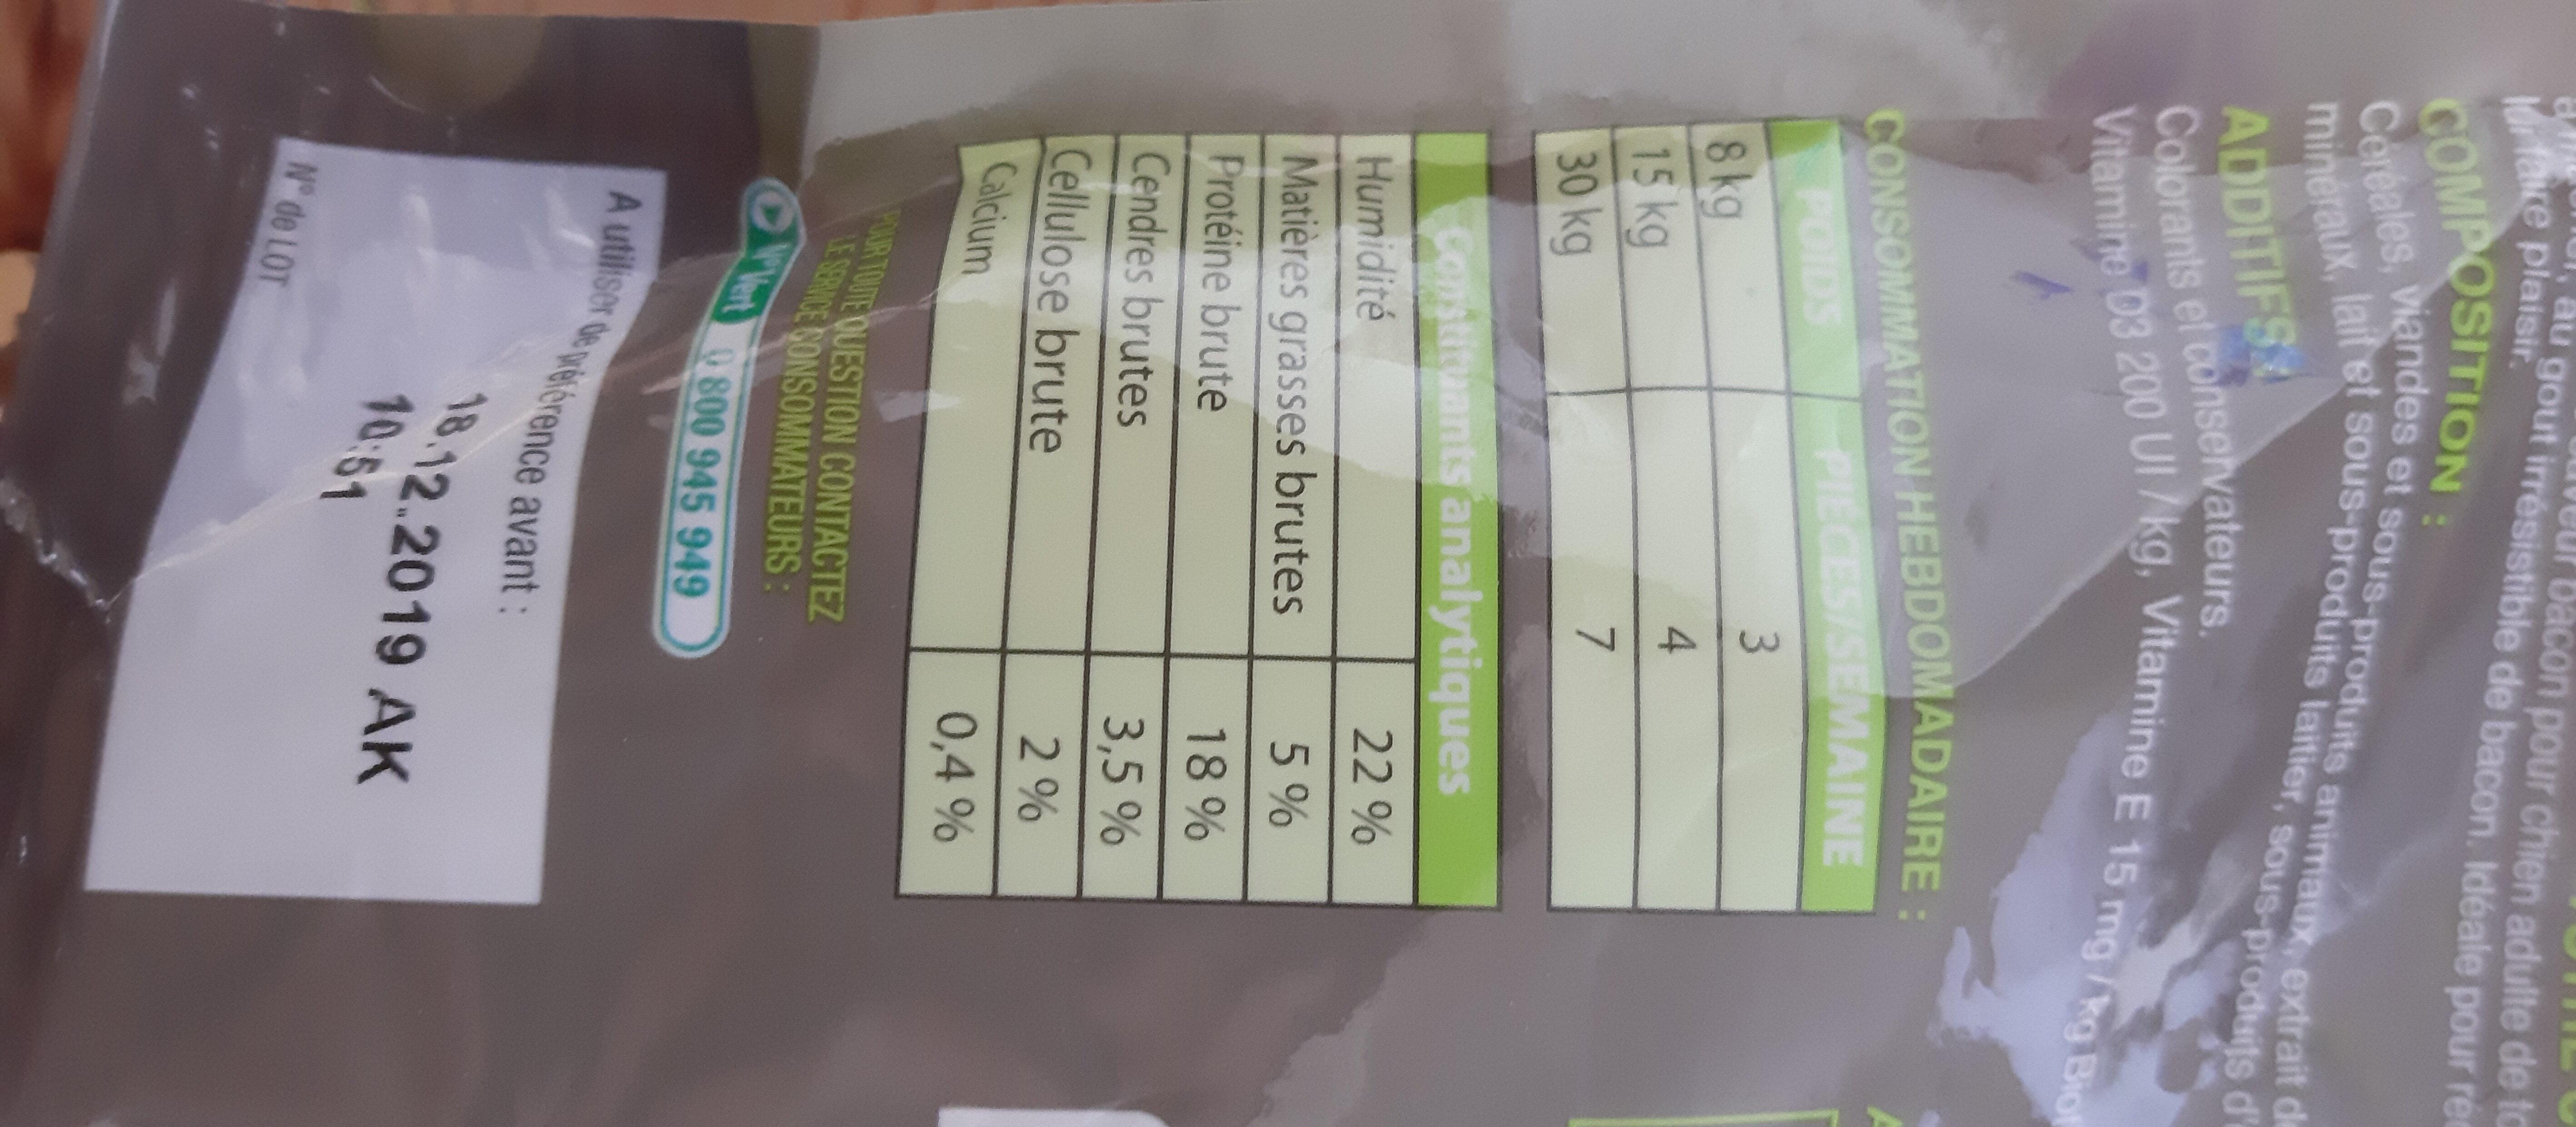 nutrivia - Ingredients - fr